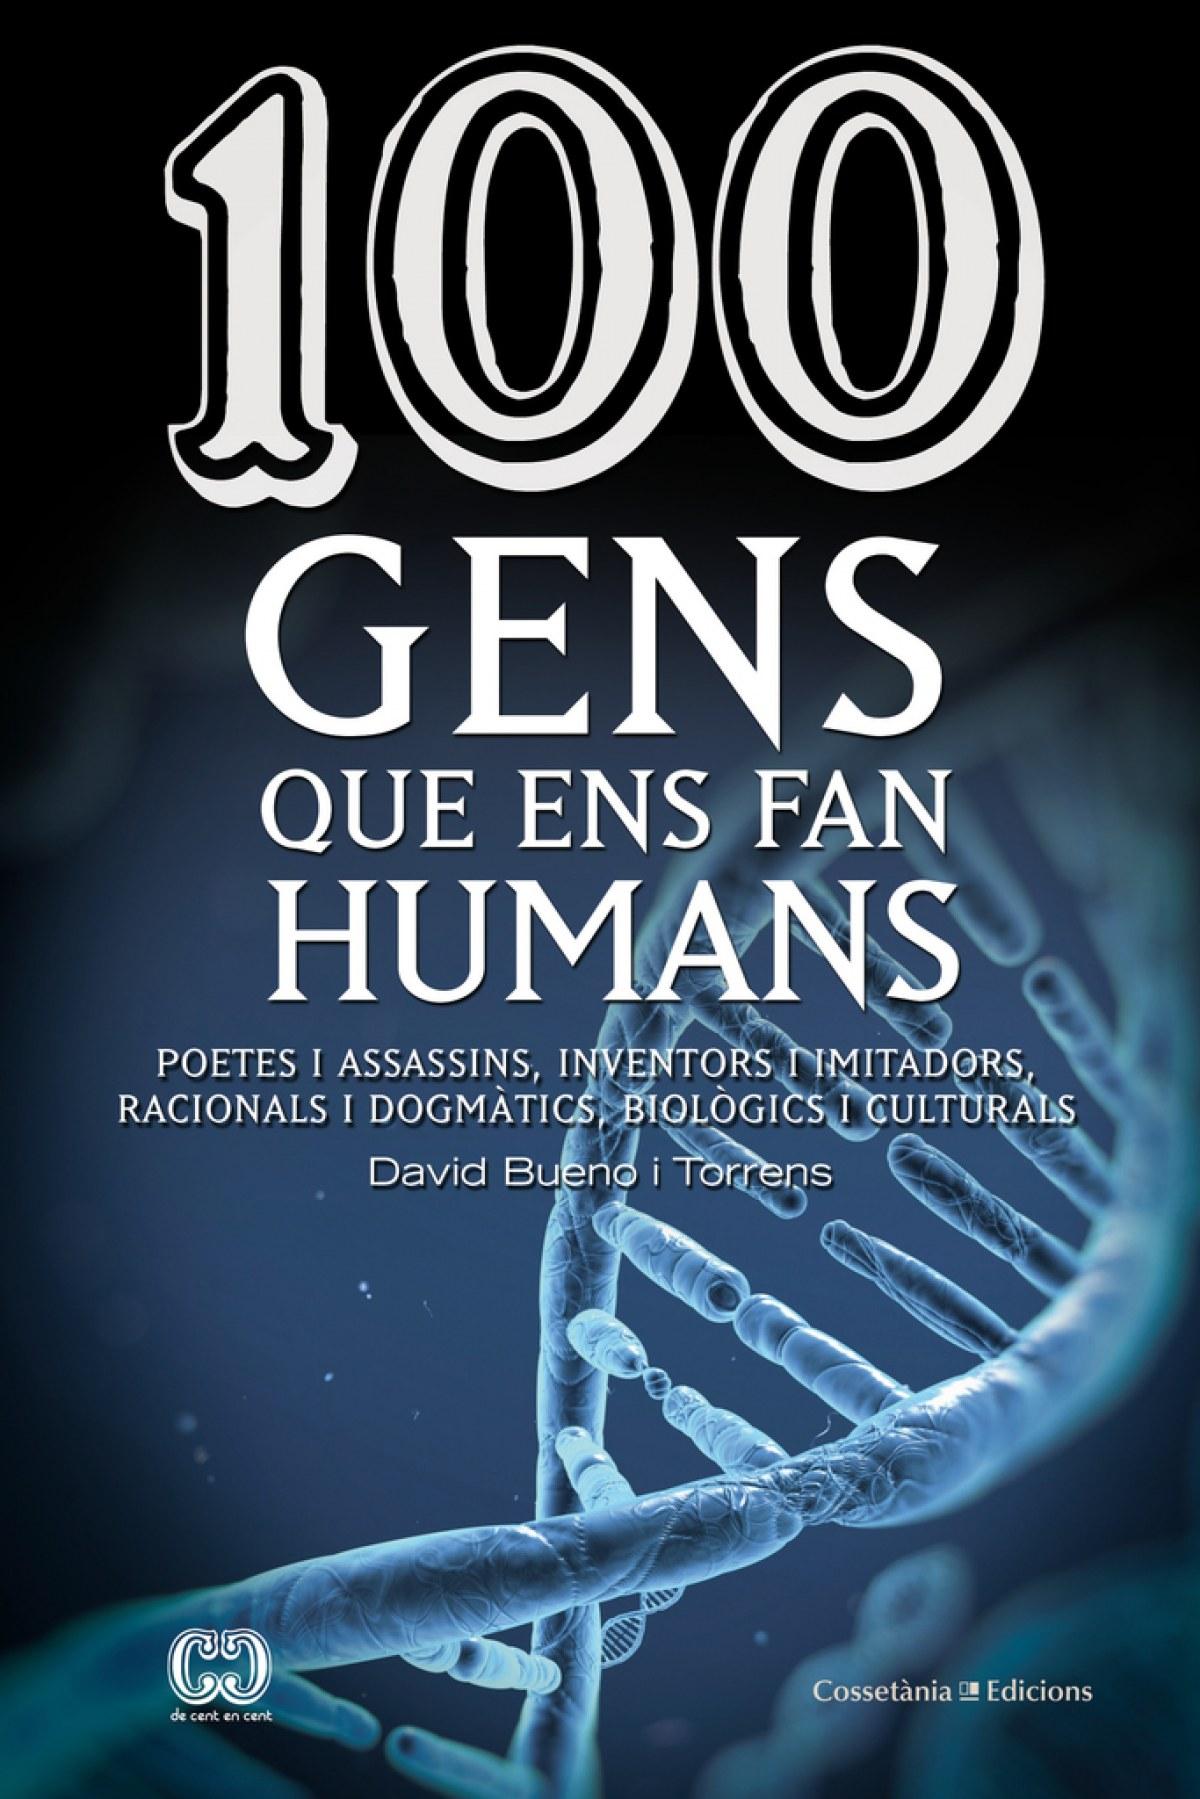 100 cen que ens fan humans 9788490343548